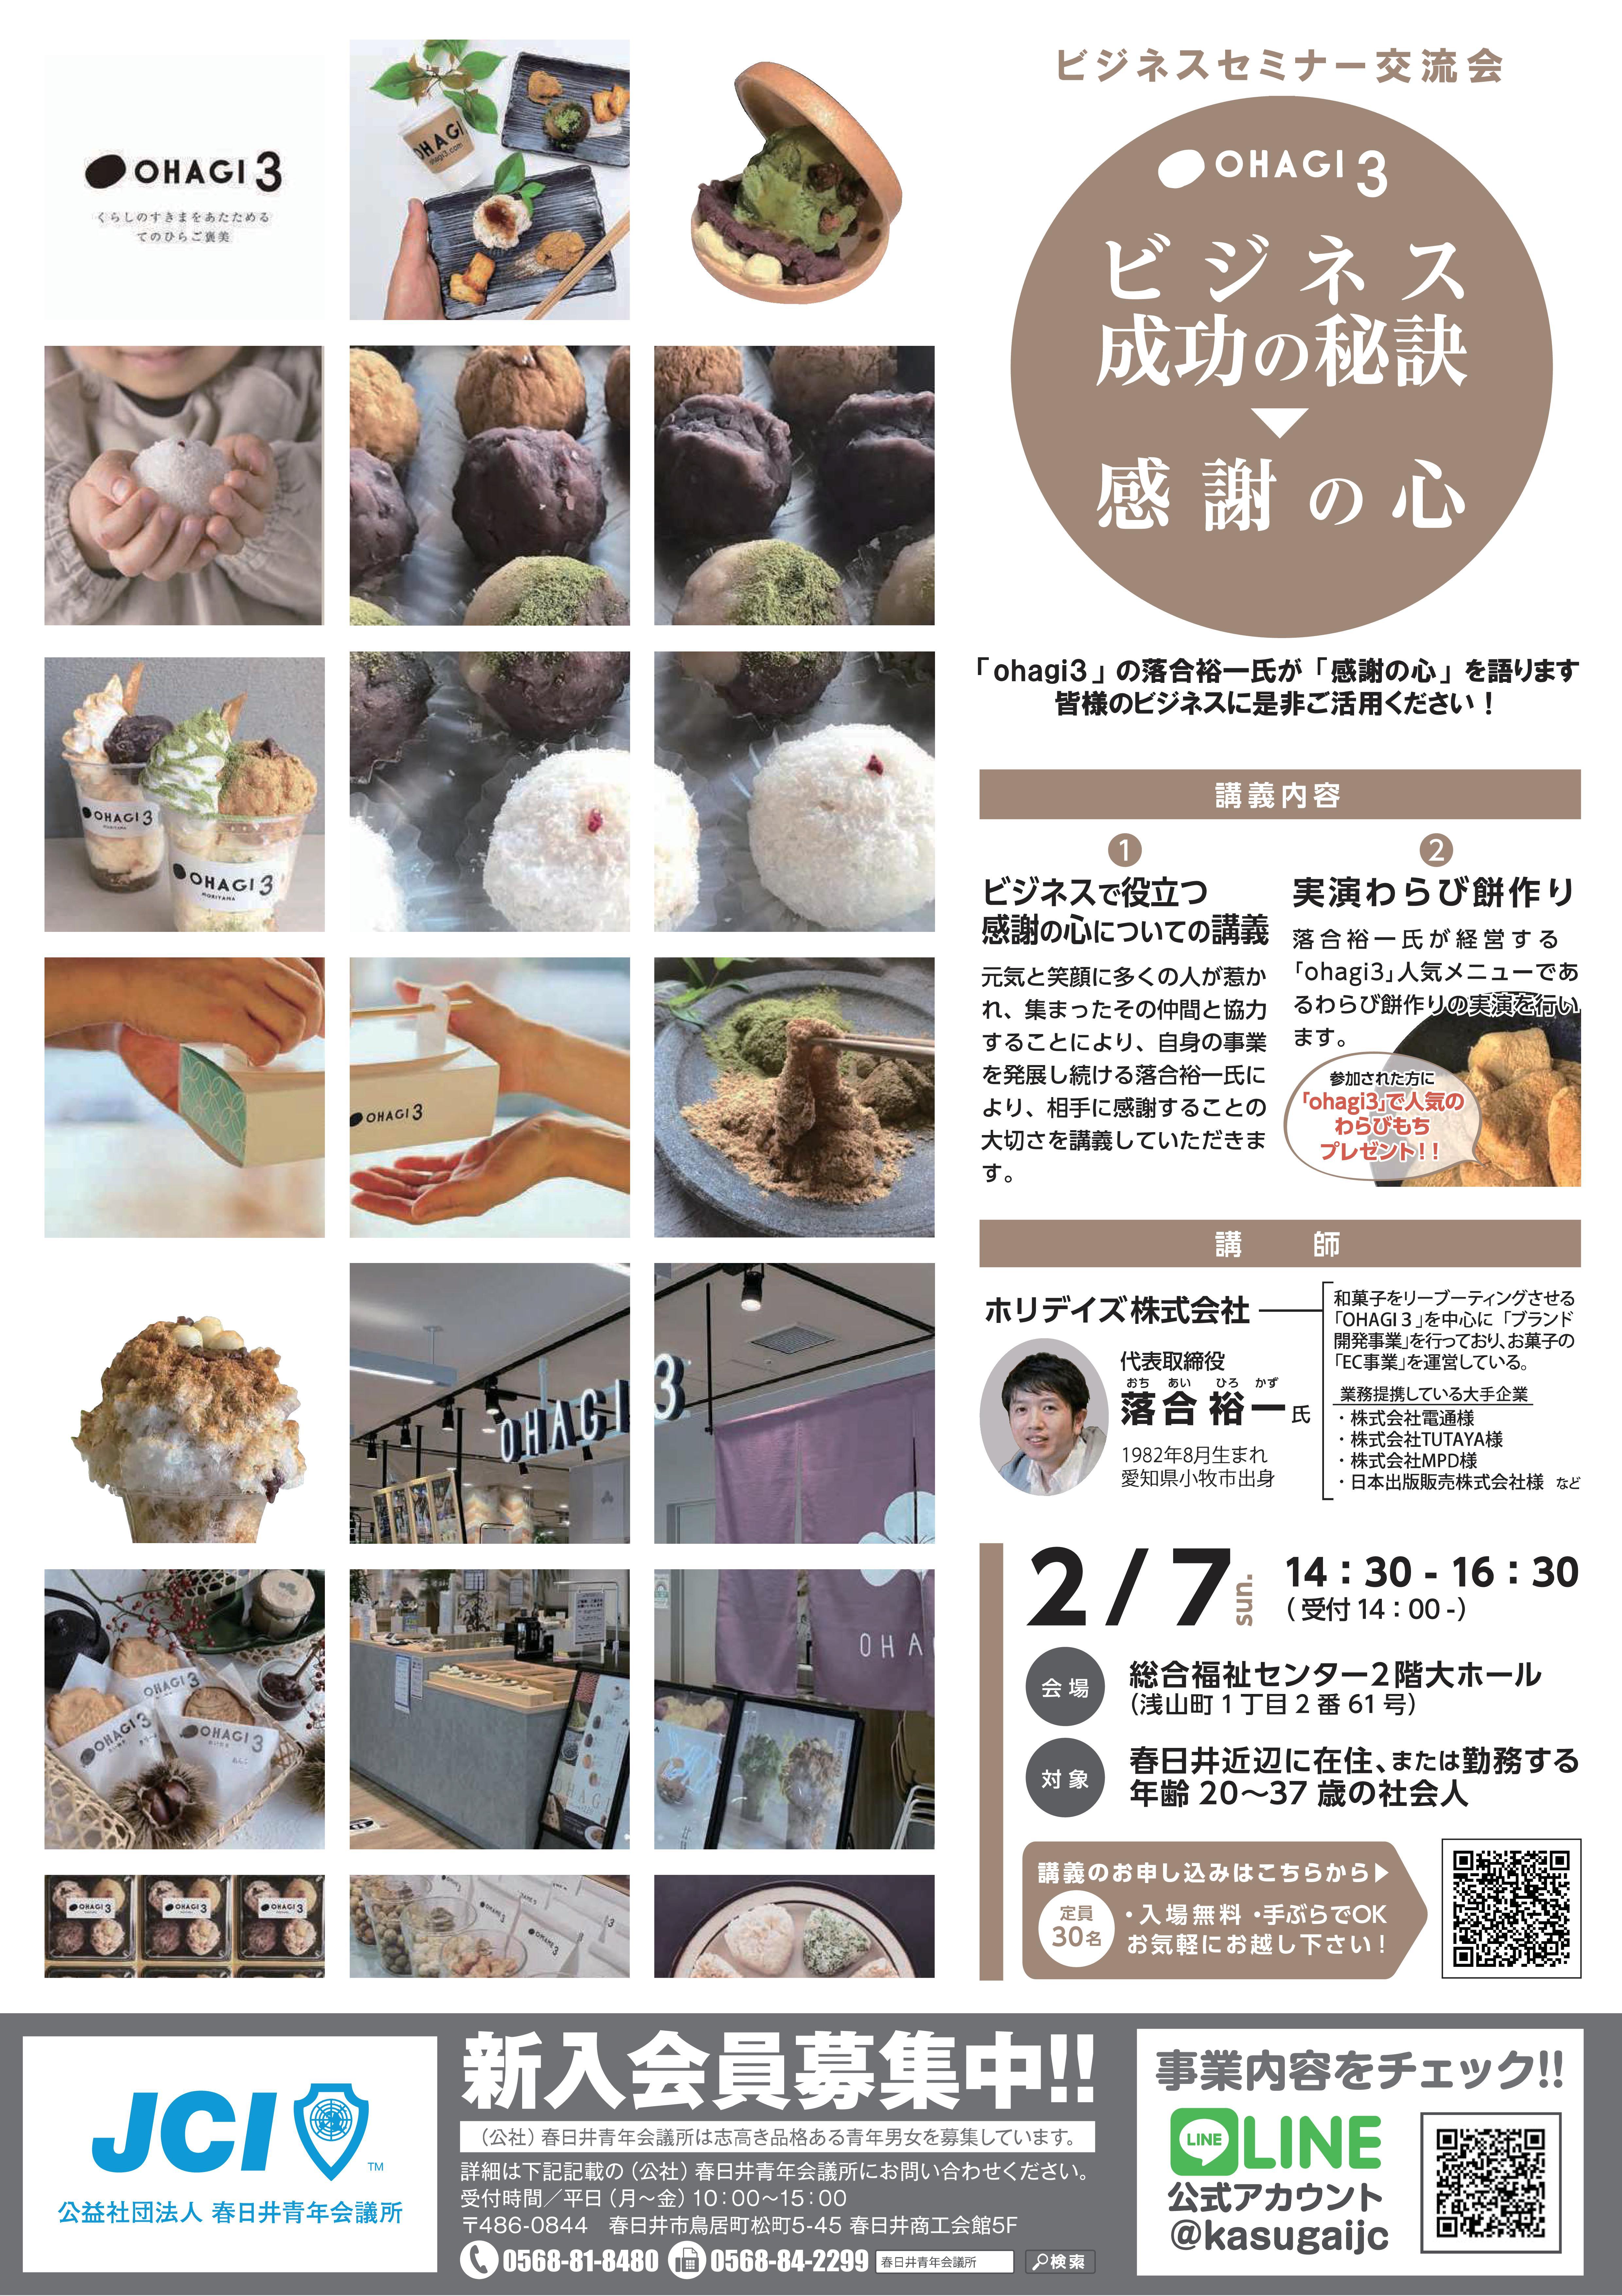 テレビでも話題!おはぎ専門店「ohagi3」創始者である落合裕一氏のビジネスセミナー